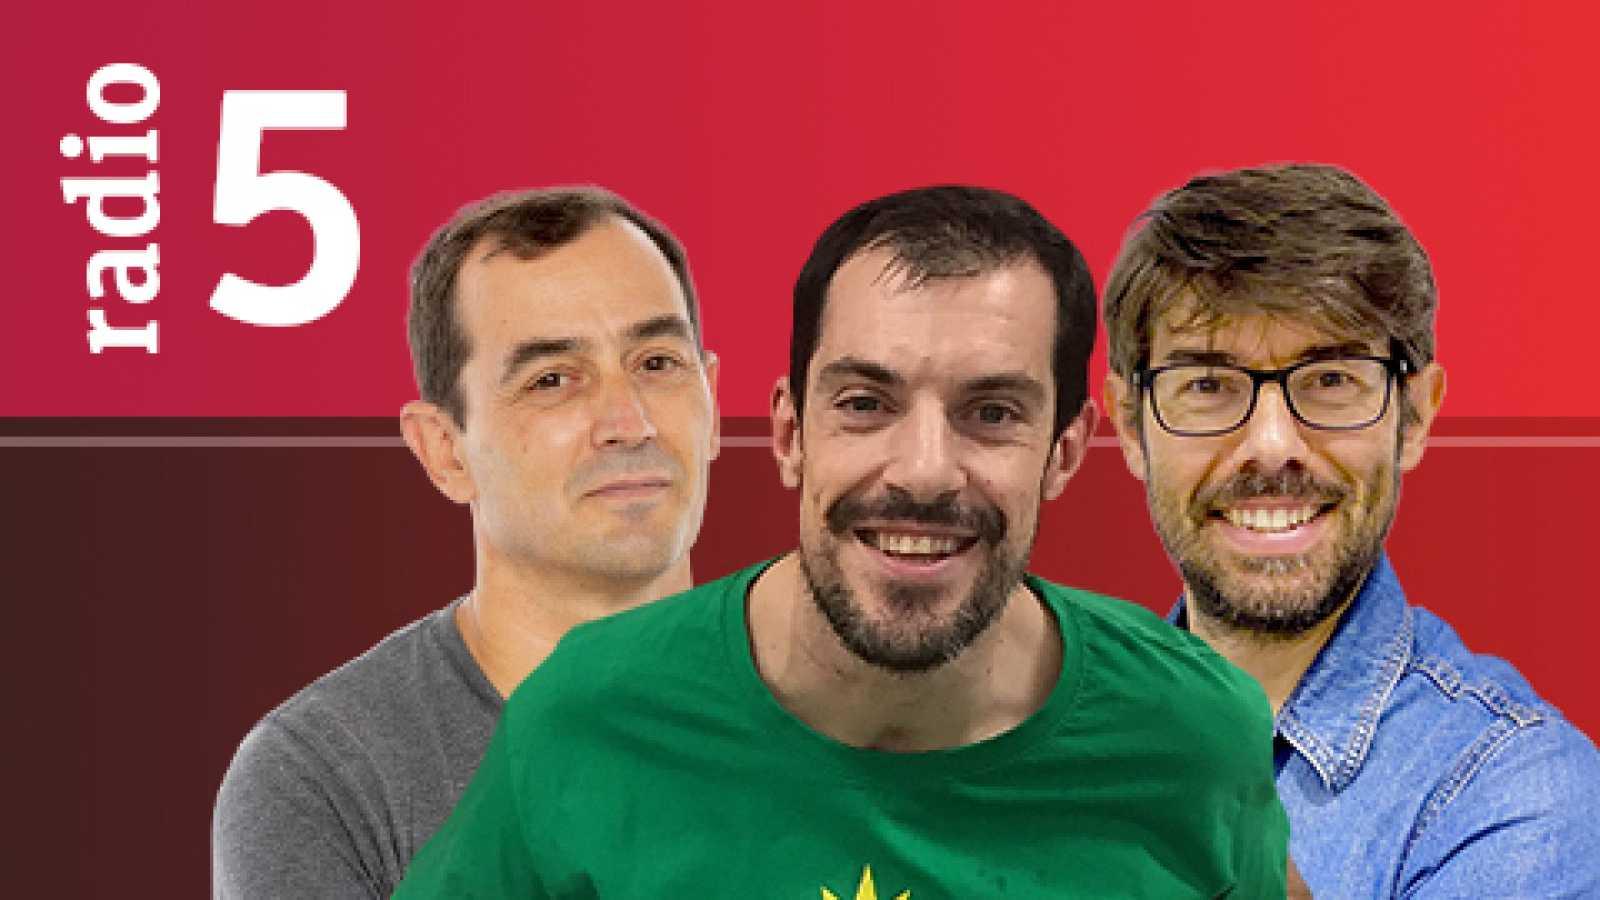 El Vestuario en Radio 5 - Edición Tarde - Jasikevicius es una novedad de impacto en la liga - Escuchar ahora